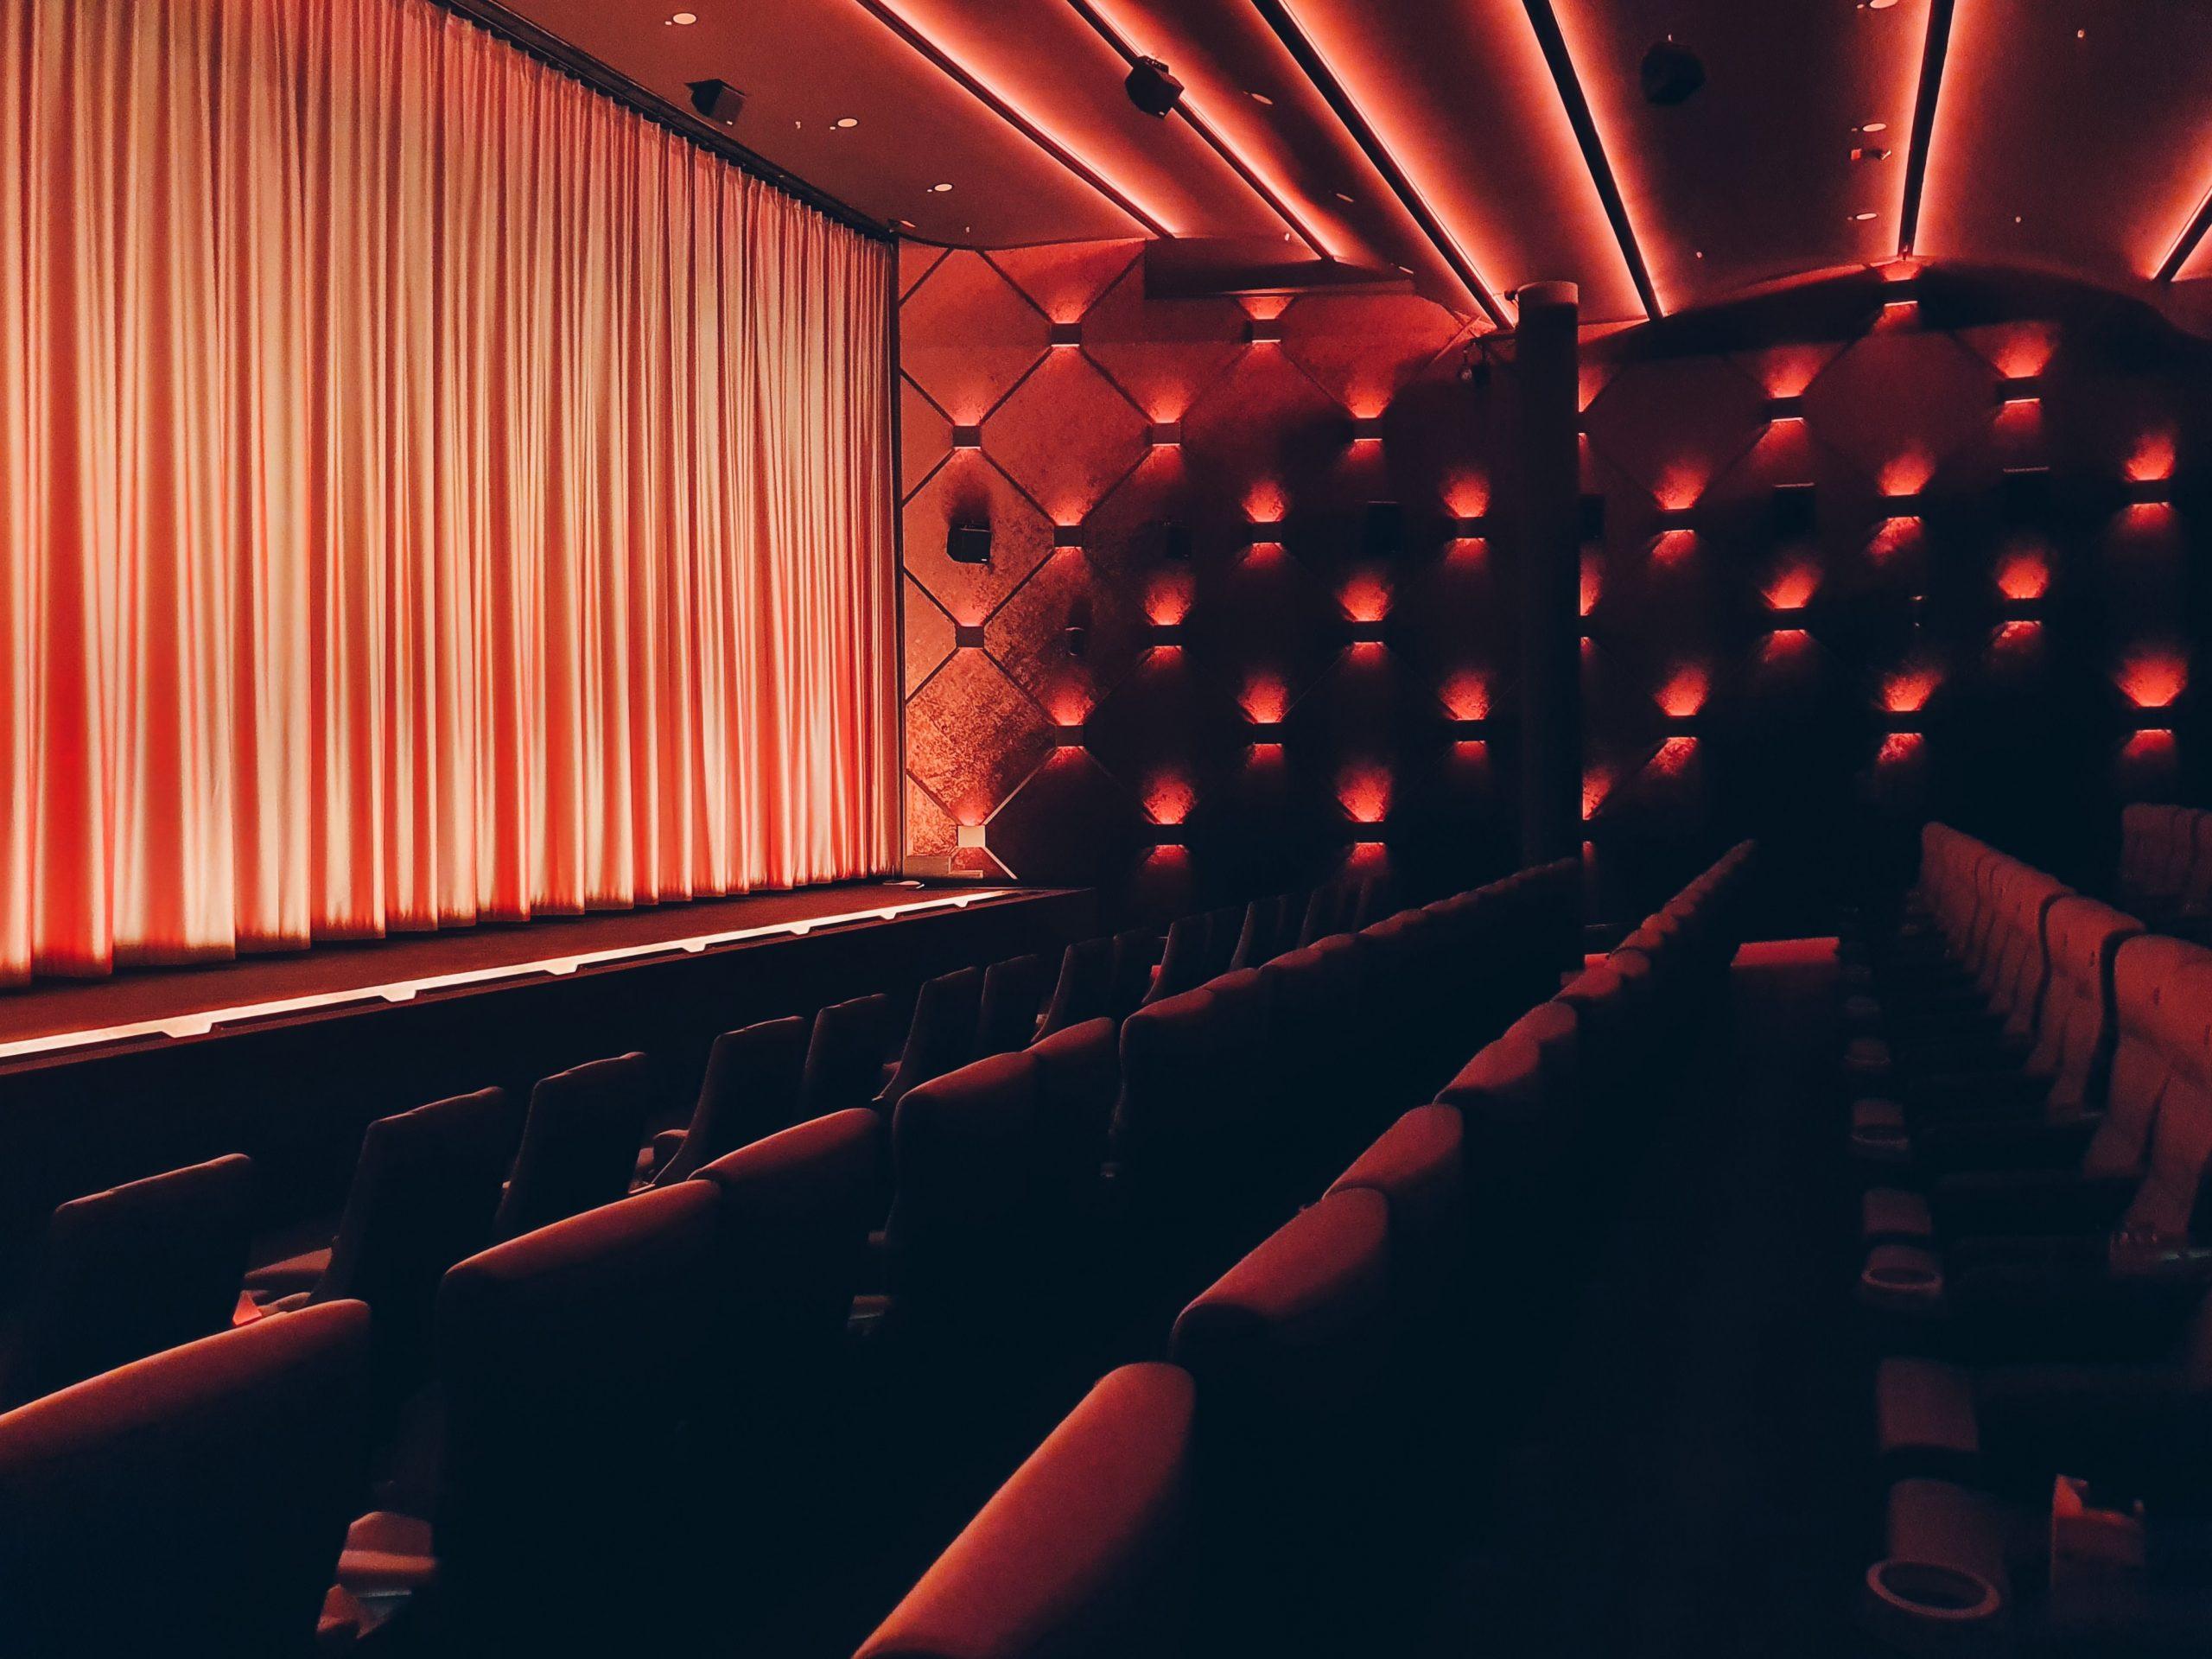 Academia Portuguesa de Cinema e Netflix estabelecem parceria para promover o trabalho de mulheres cineastas